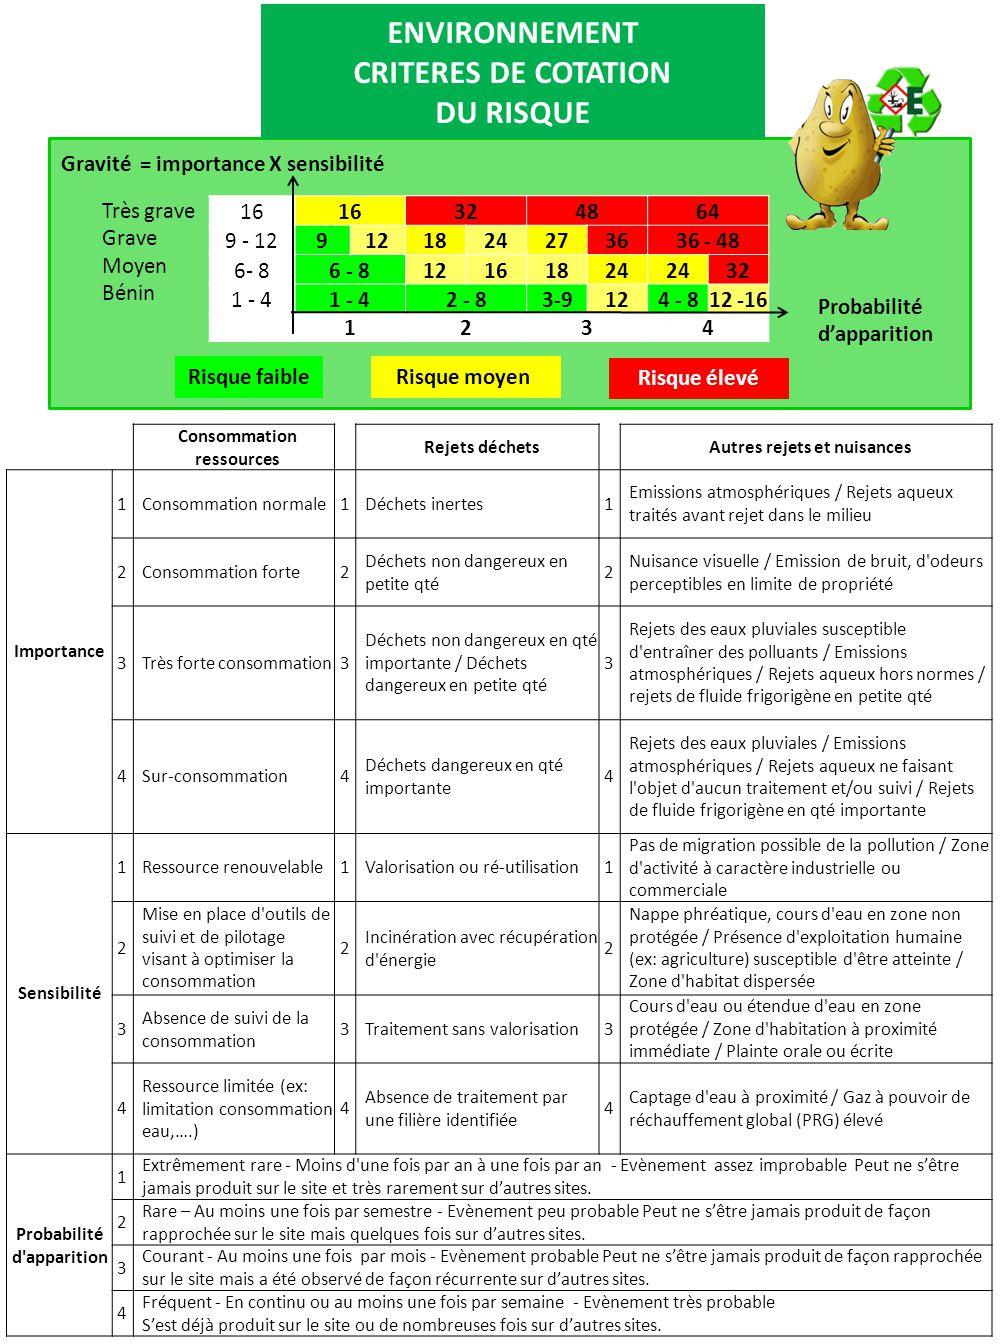 Consommation ressources Rejets déchetsAutres rejets et nuisances Importance 1Consommation normale1Déchets inertes1 Emissions atmosphériques / Rejets a